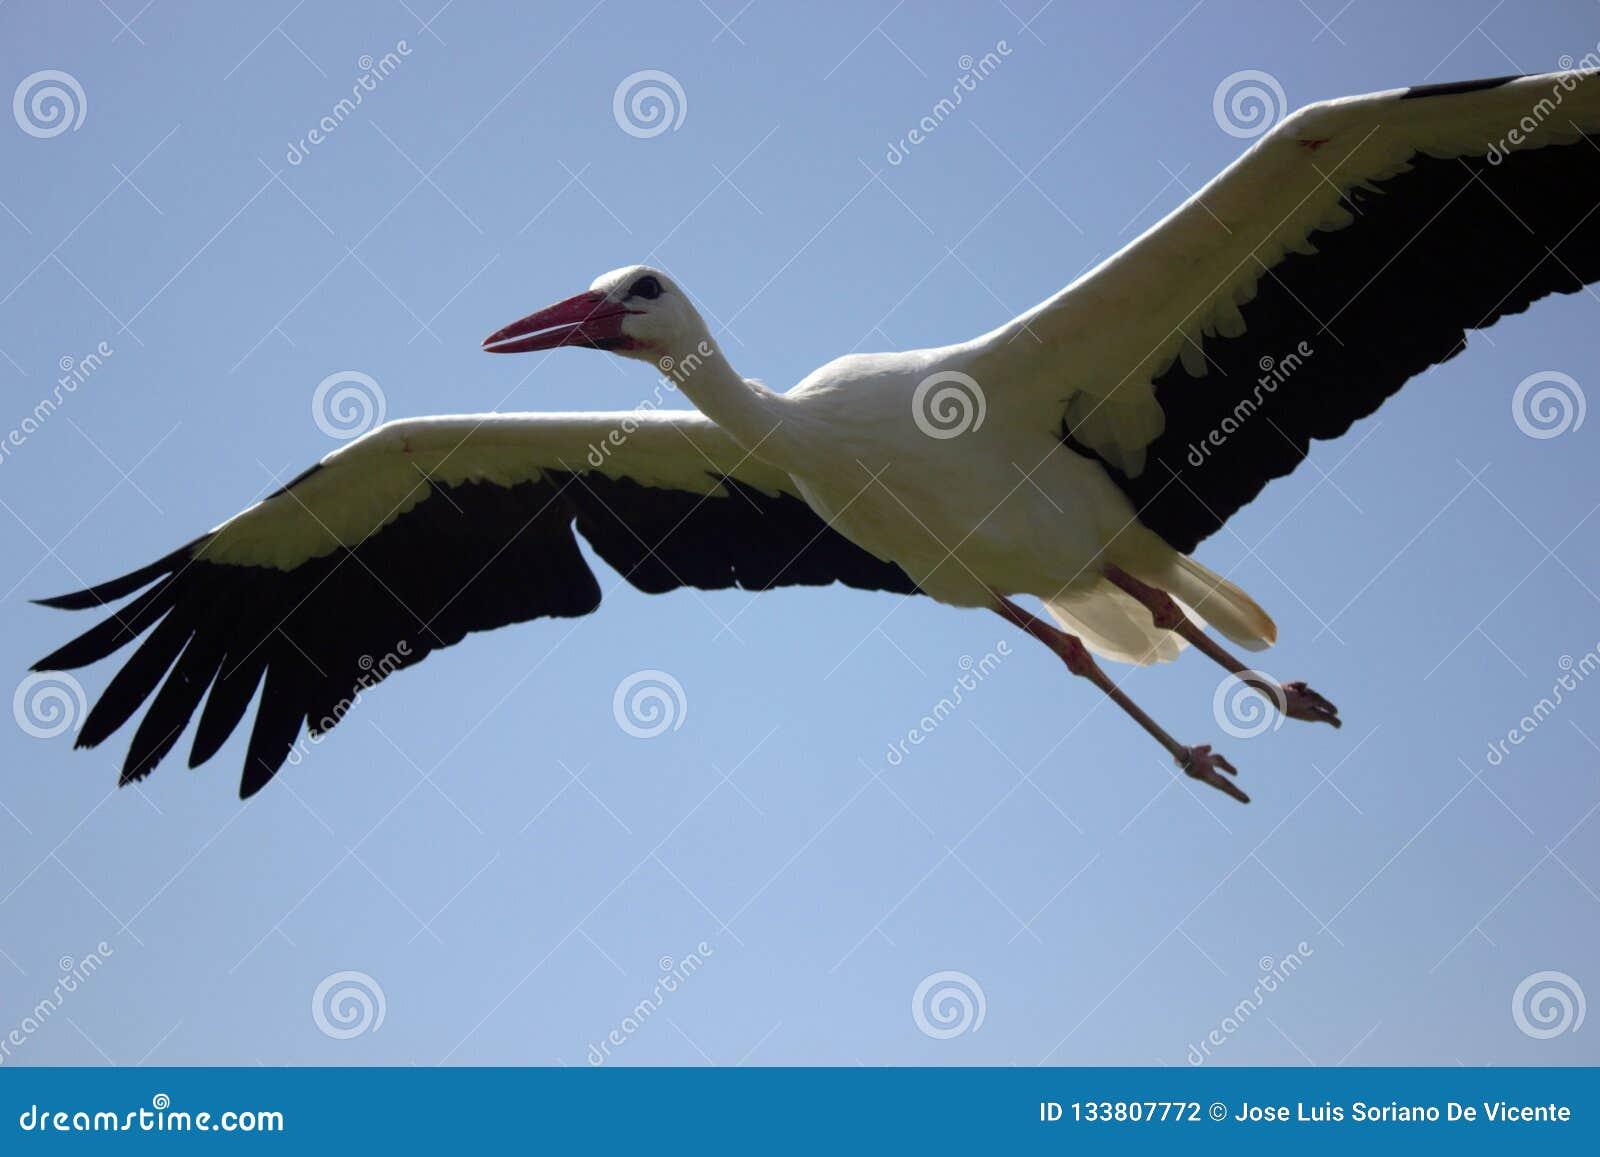 Fliegender Storch unter blauem Himmel, Storchfliegen in der Natur